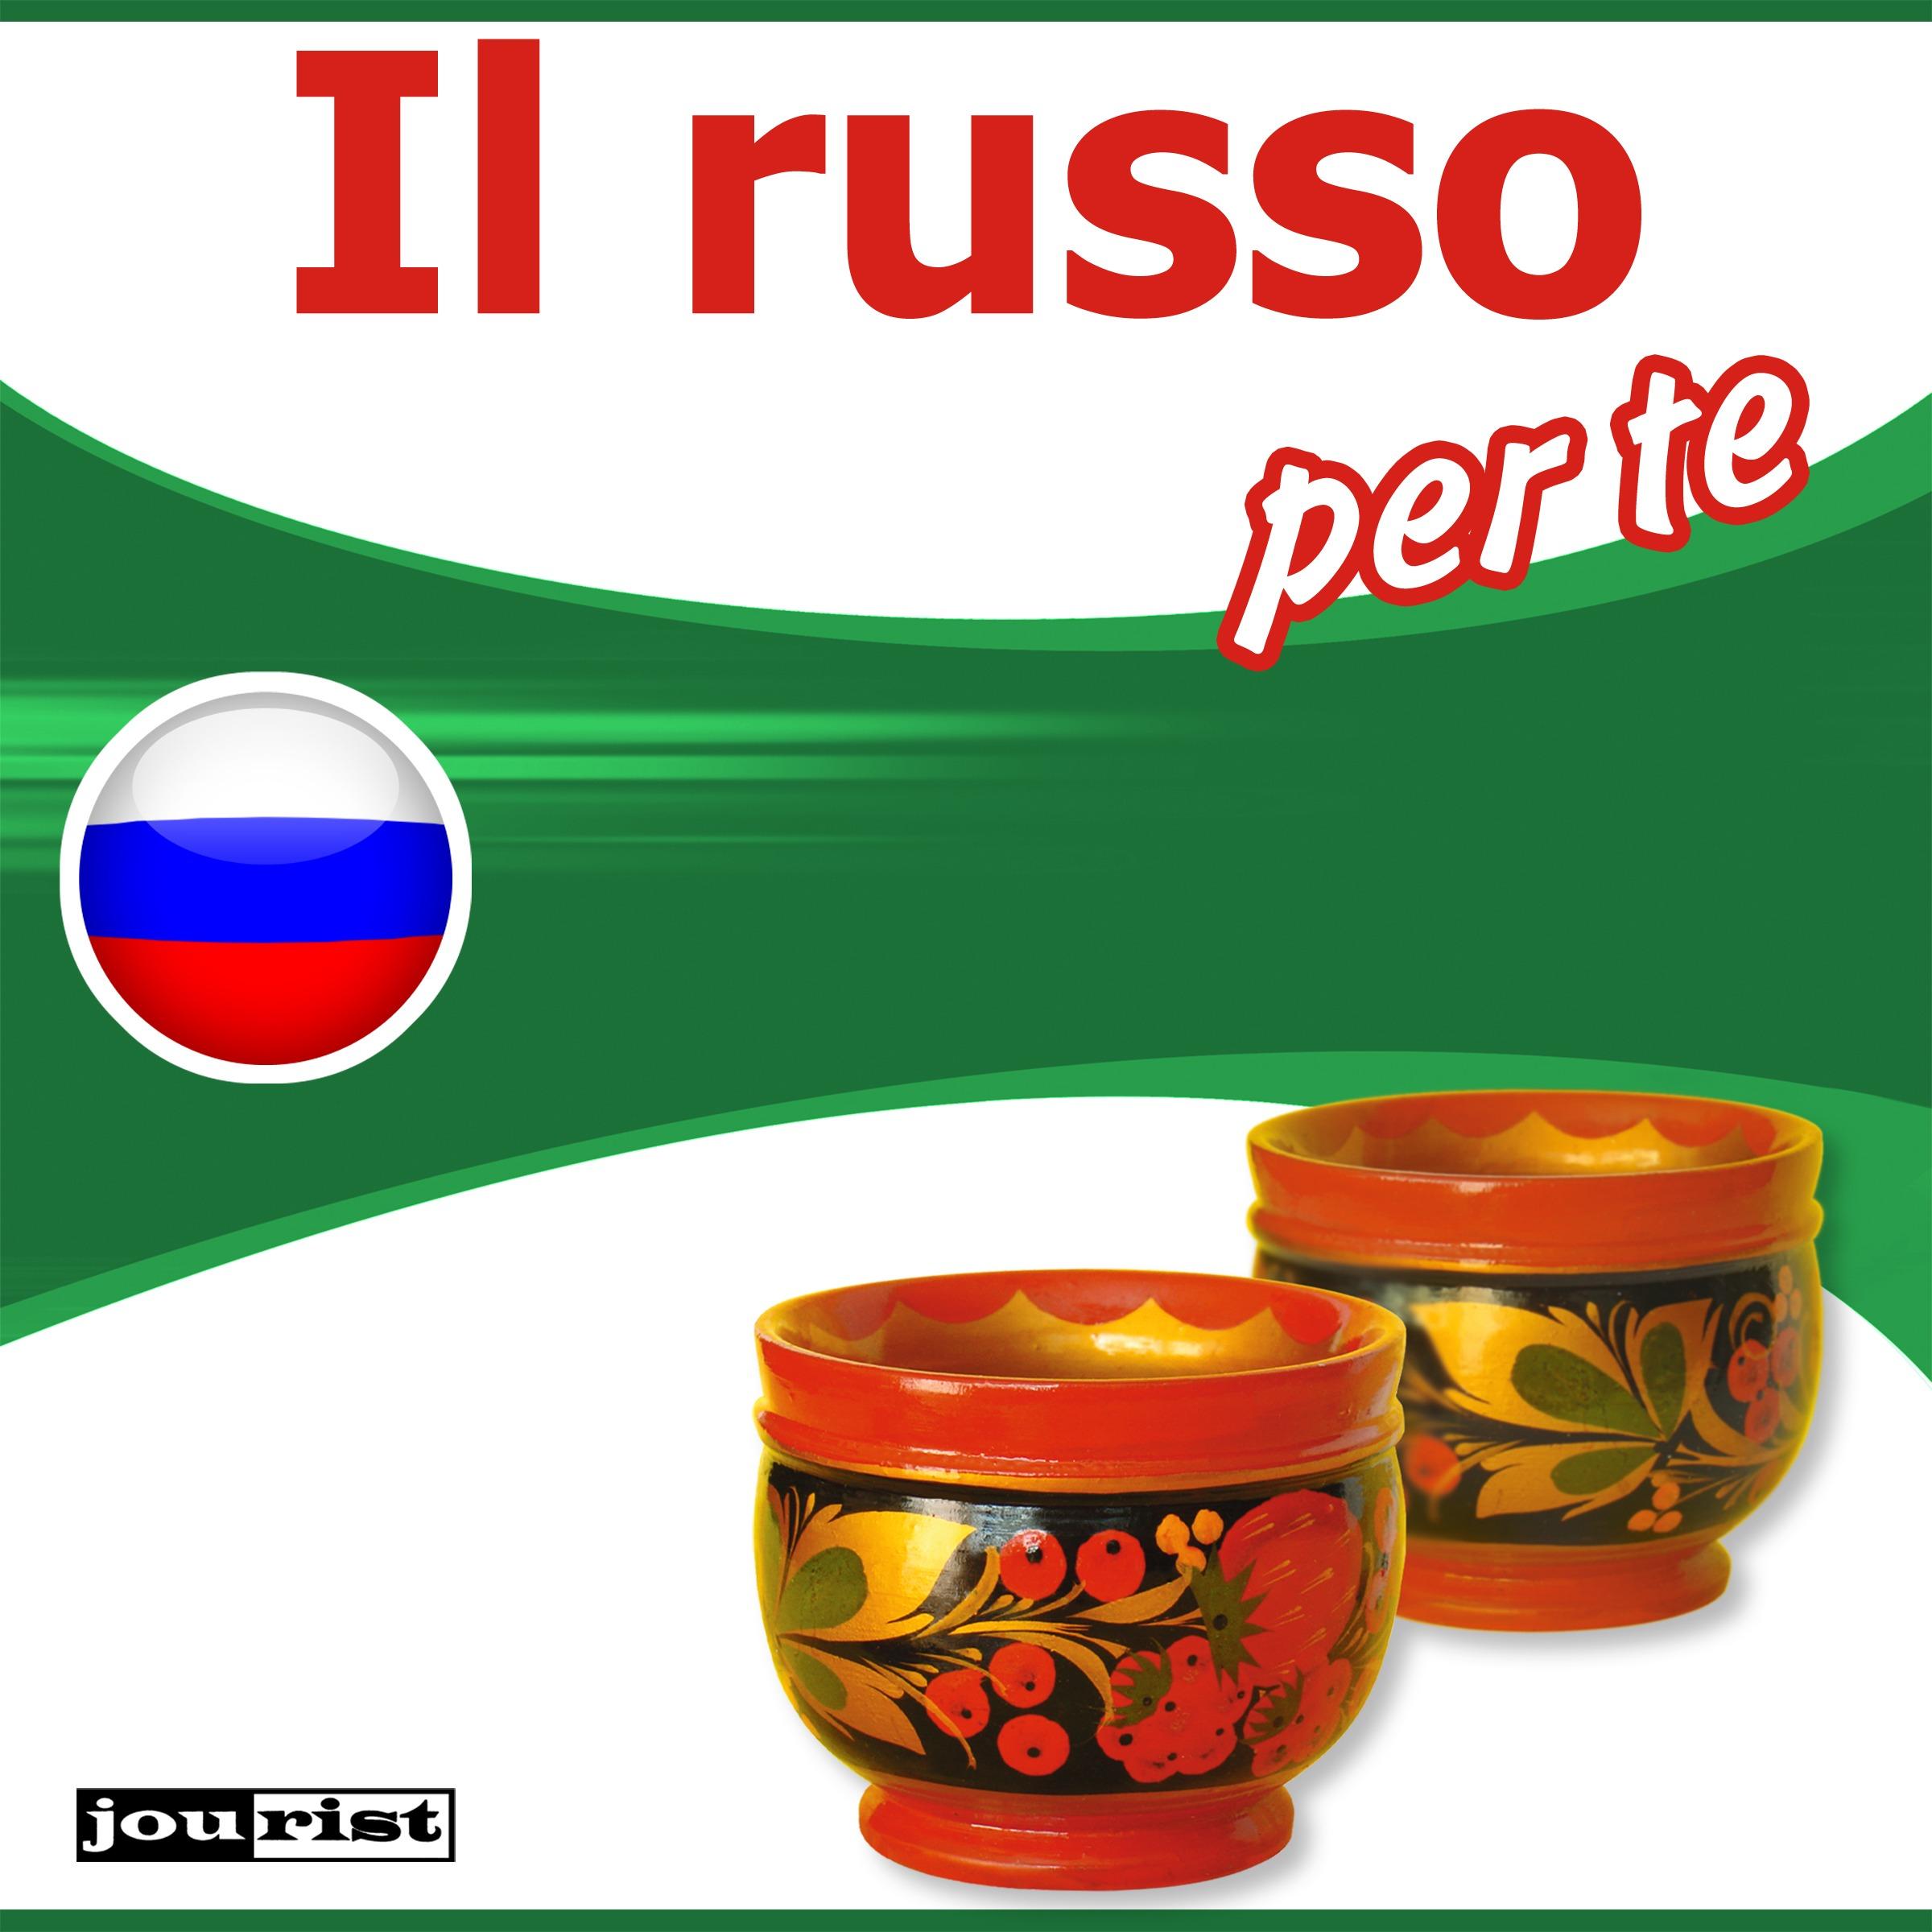 Il russo per te